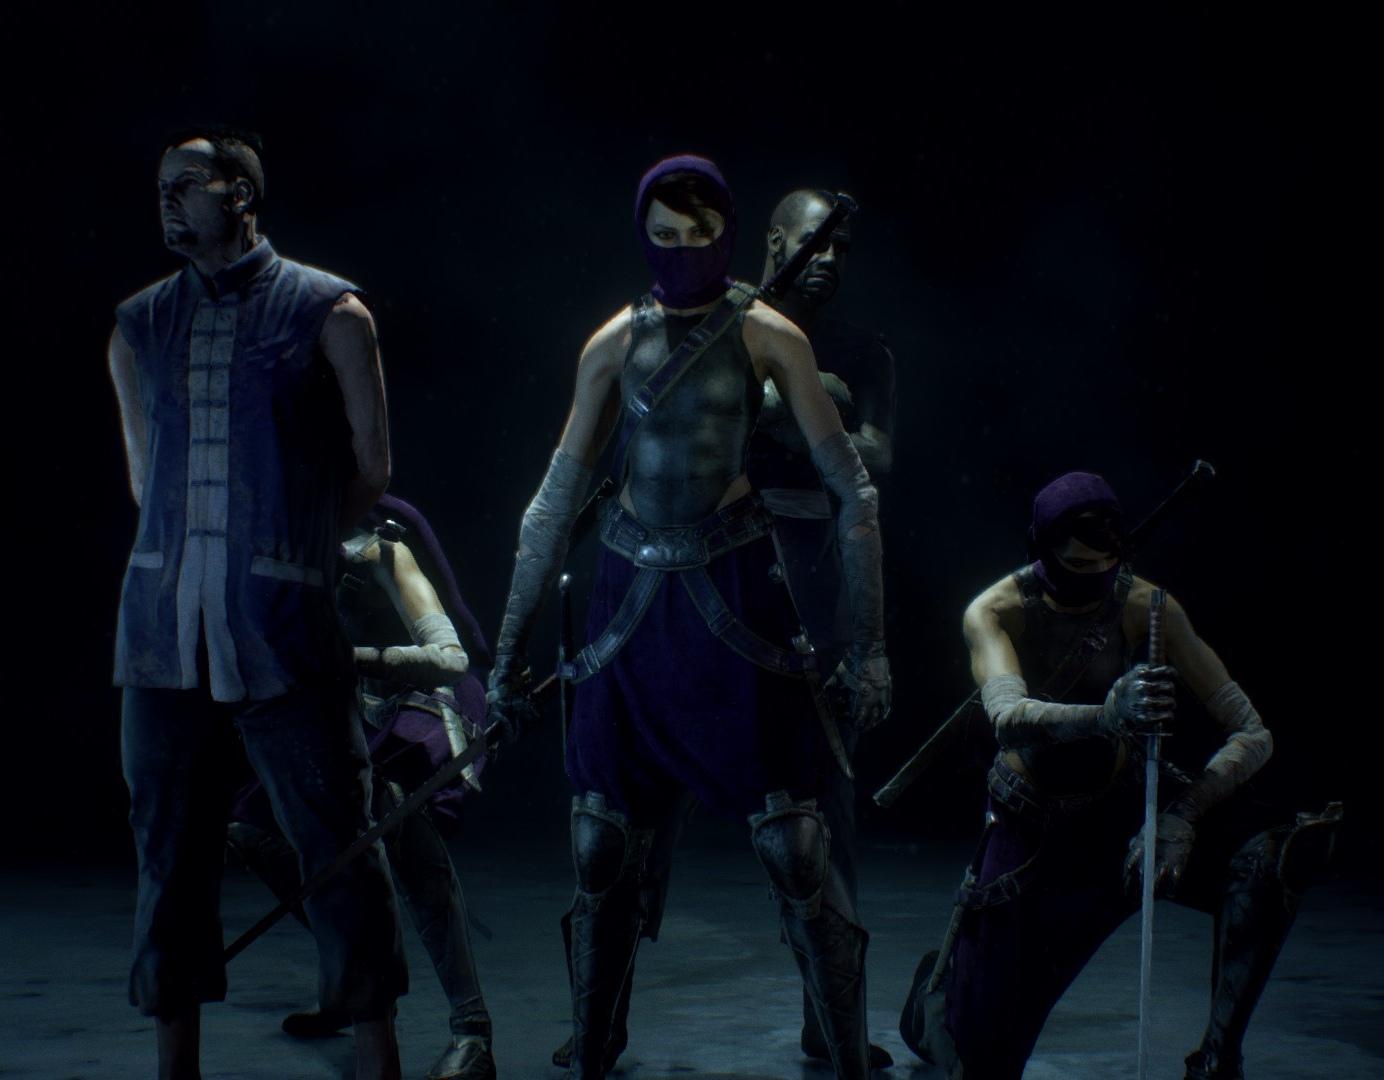 League of Assassins (Arkhamverse)